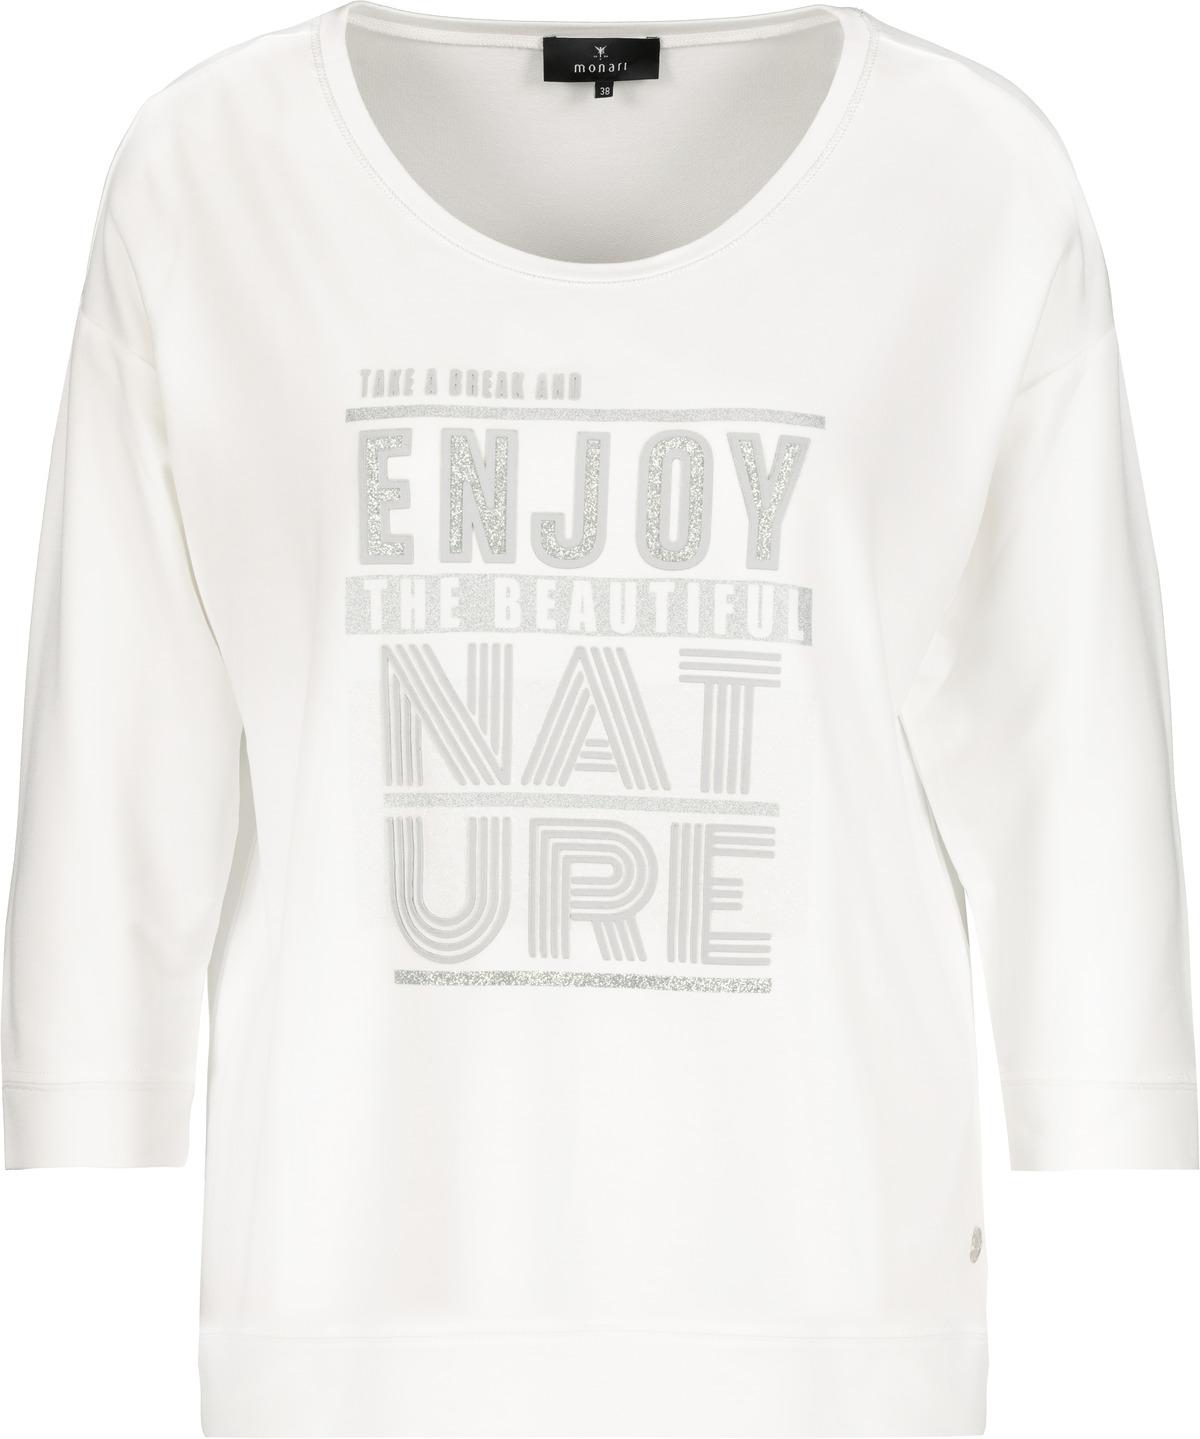 Monari Sweatshirt mit Aufdruck weiß